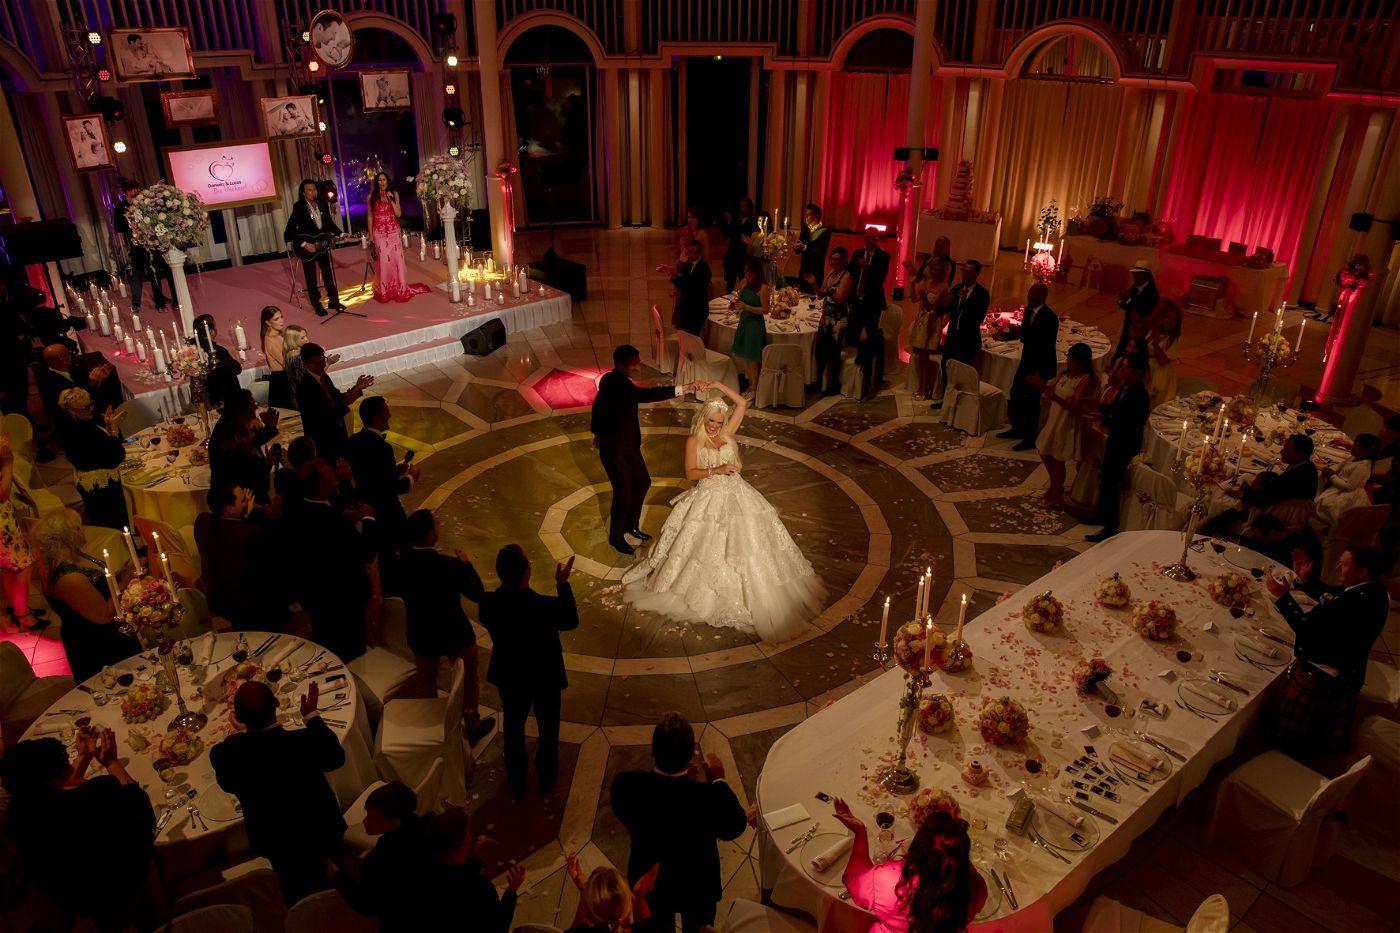 Anschließend wurde in einem großen Saal gefeiert.